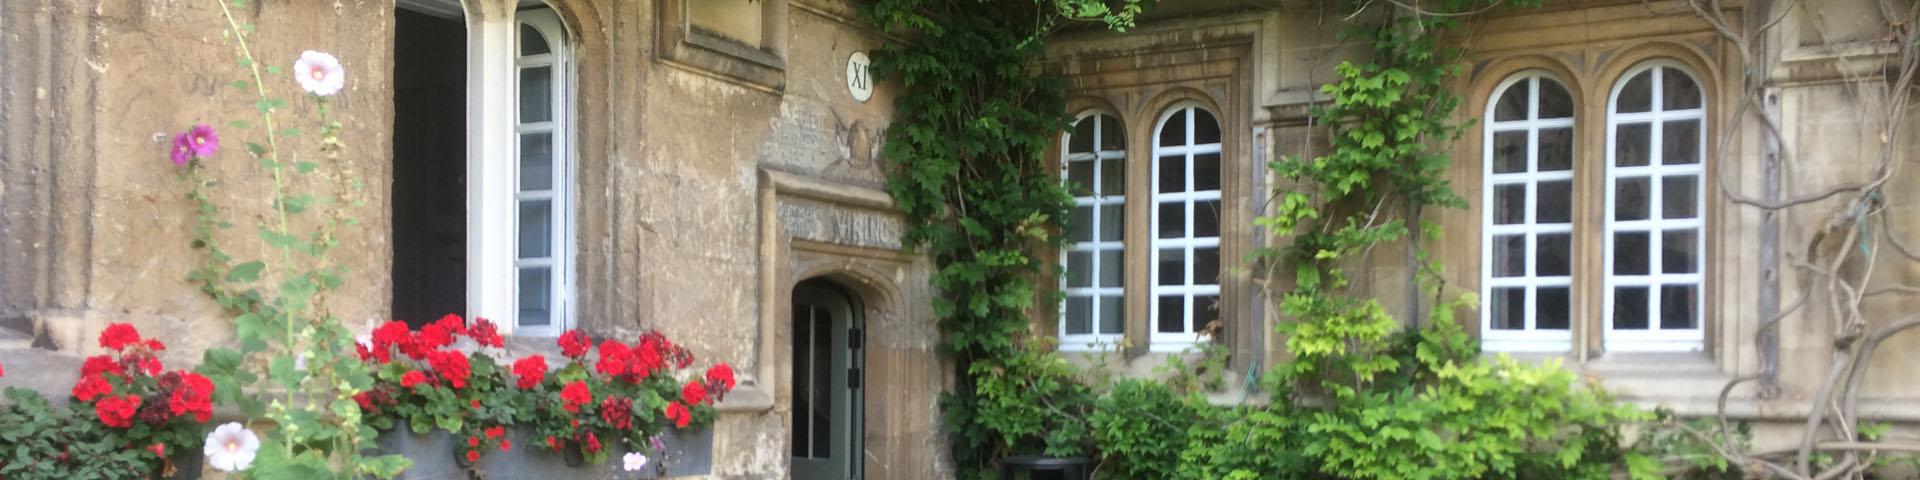 bannercollege1